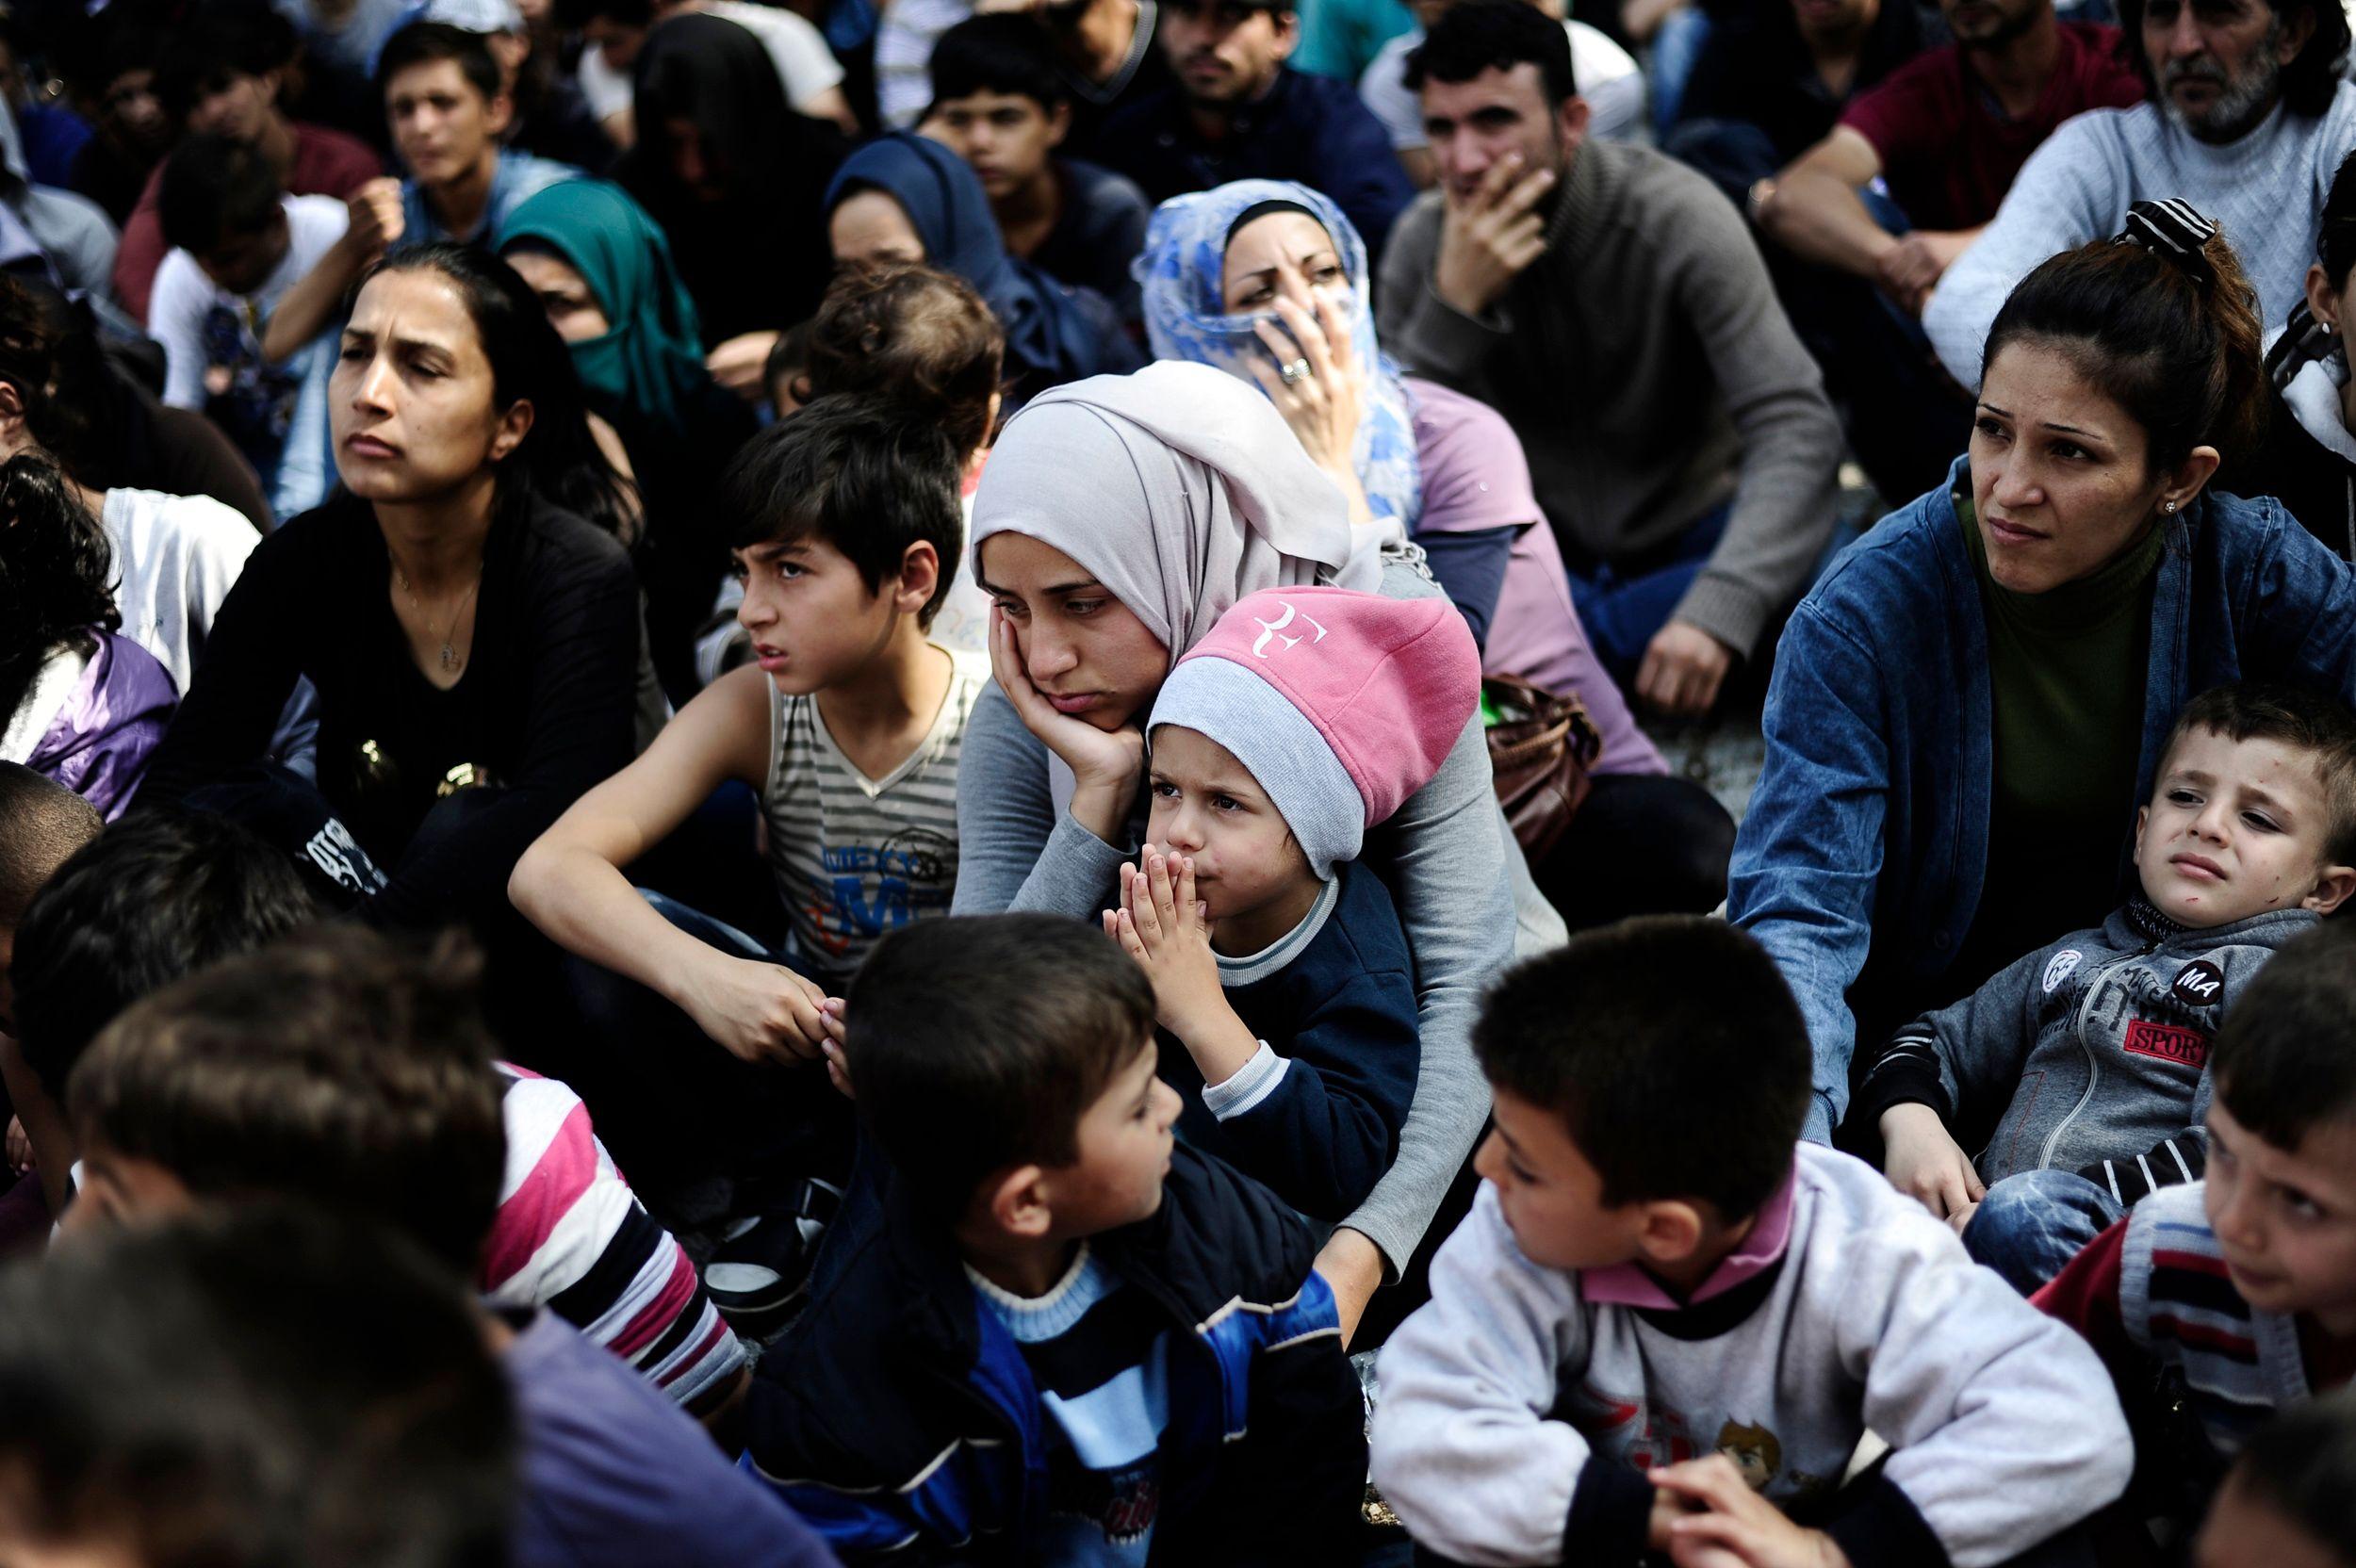 Les sanctions très dures de l'Union européenne qui frappent même les médicaments de première nécessité désorganisent gravement l'économie syrienne et aggravent la misère.